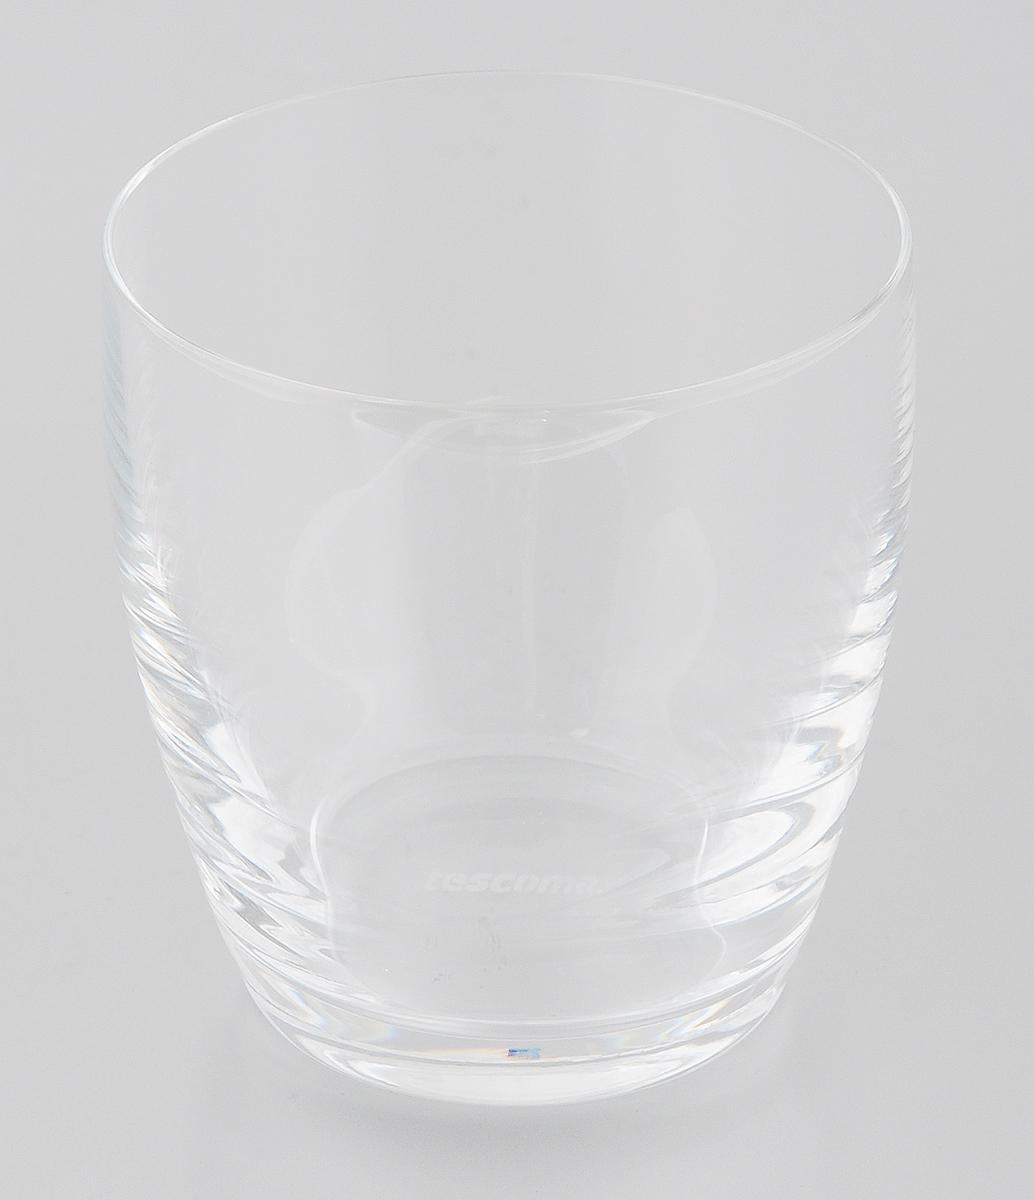 Стакан Tescoma Crema, 350 мл306020Стакан Tescoma Crema, изготовлен из прочного боросиликатового стекла, прекрасно дополнит интерьер вашей кухни. Изящный дизайн стакана придется по вкусу и ценителям классики, и тем, кто предпочитает утонченность и изысканность. Стакан Tescoma Crema станет хорошим подарком к любому празднику.Изделие пригодно для микроволновой печи, холодильника, морозильника и посудомоечной машины.Диаметр (по верхнему краю): 8 см.Высота: 9 см.